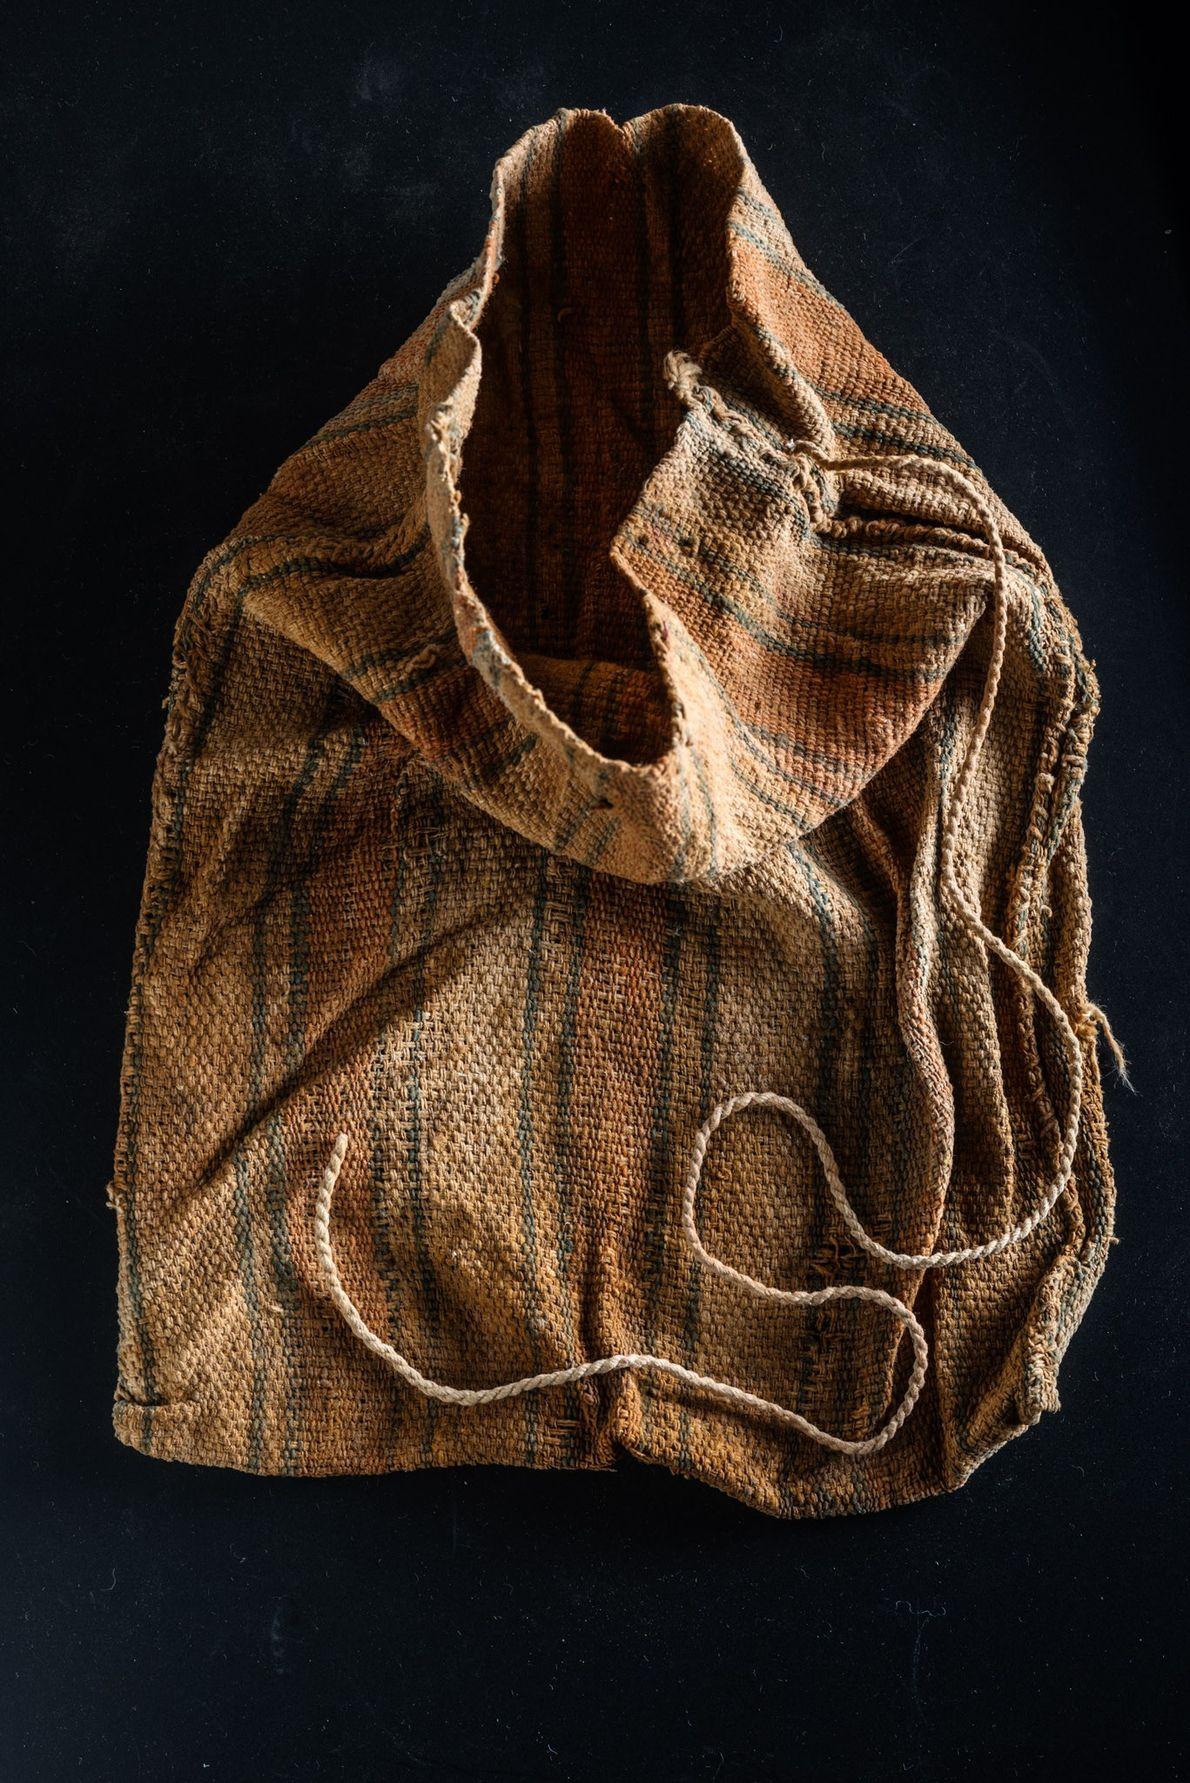 Las telas wari eran uno de los tesoros más preciados de la tumba imperial del Castillo …